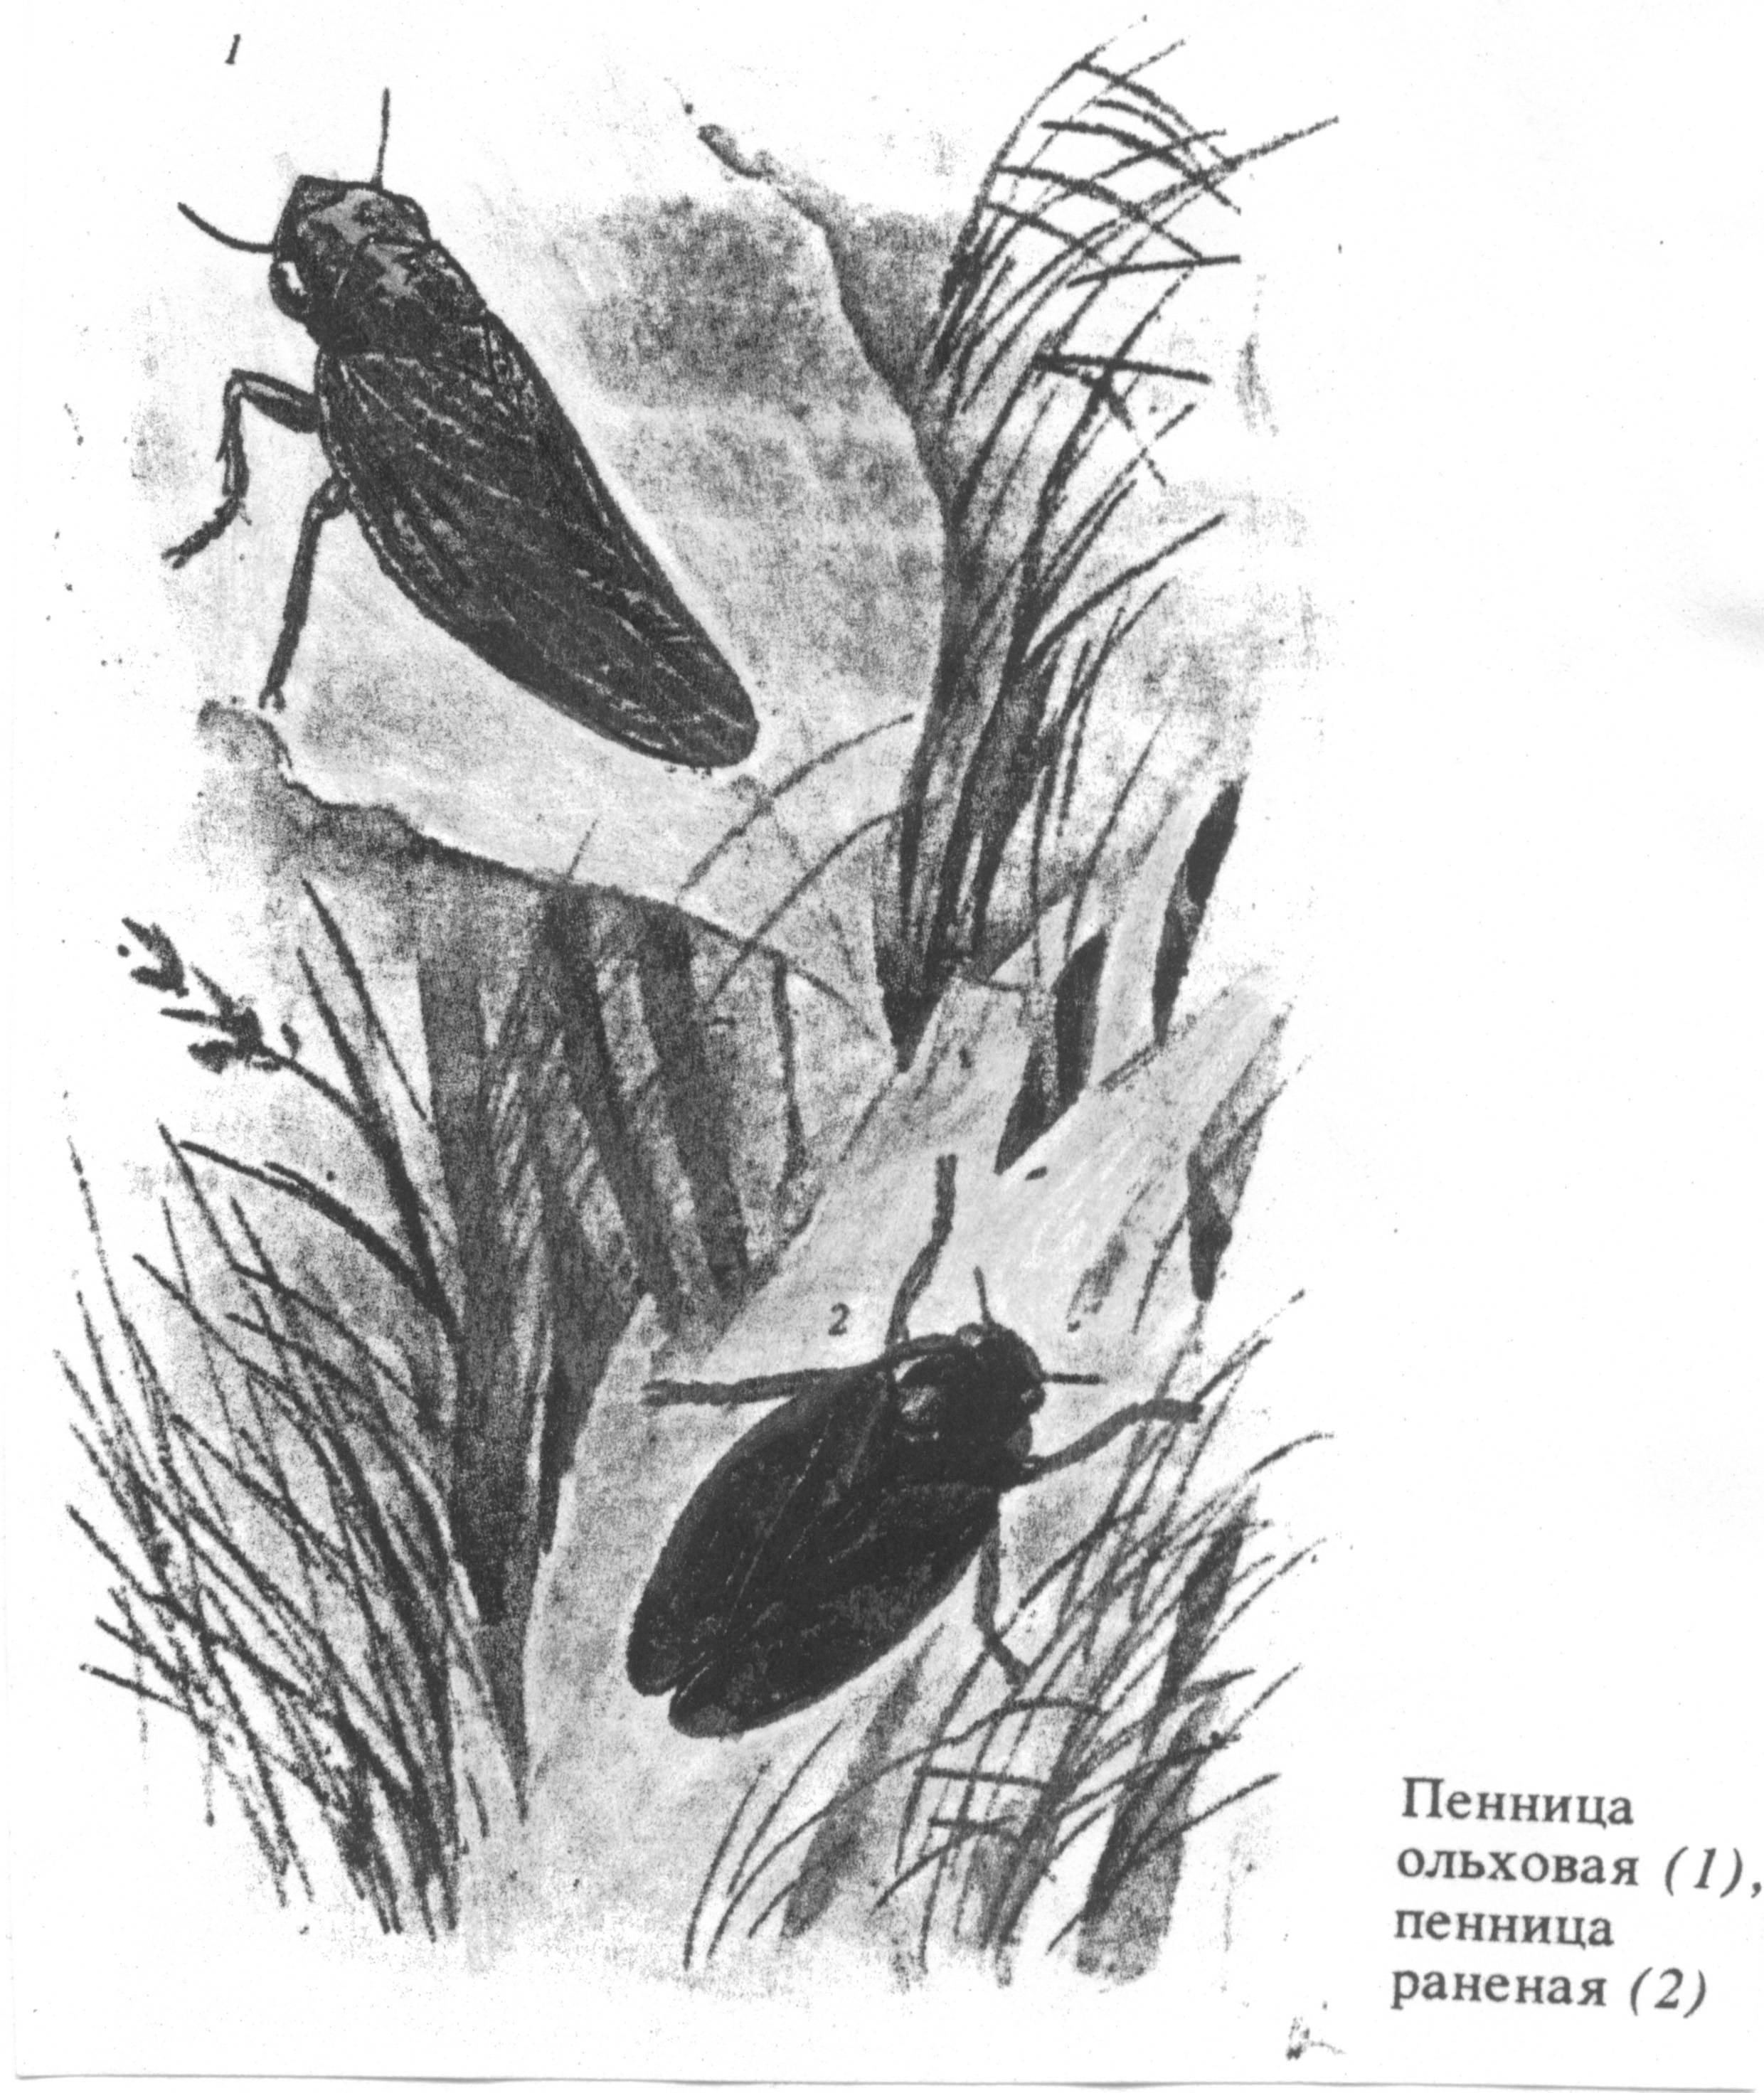 Необычные гнезда птиц   интересное о птицах   ptichka.net - домашние питомцы